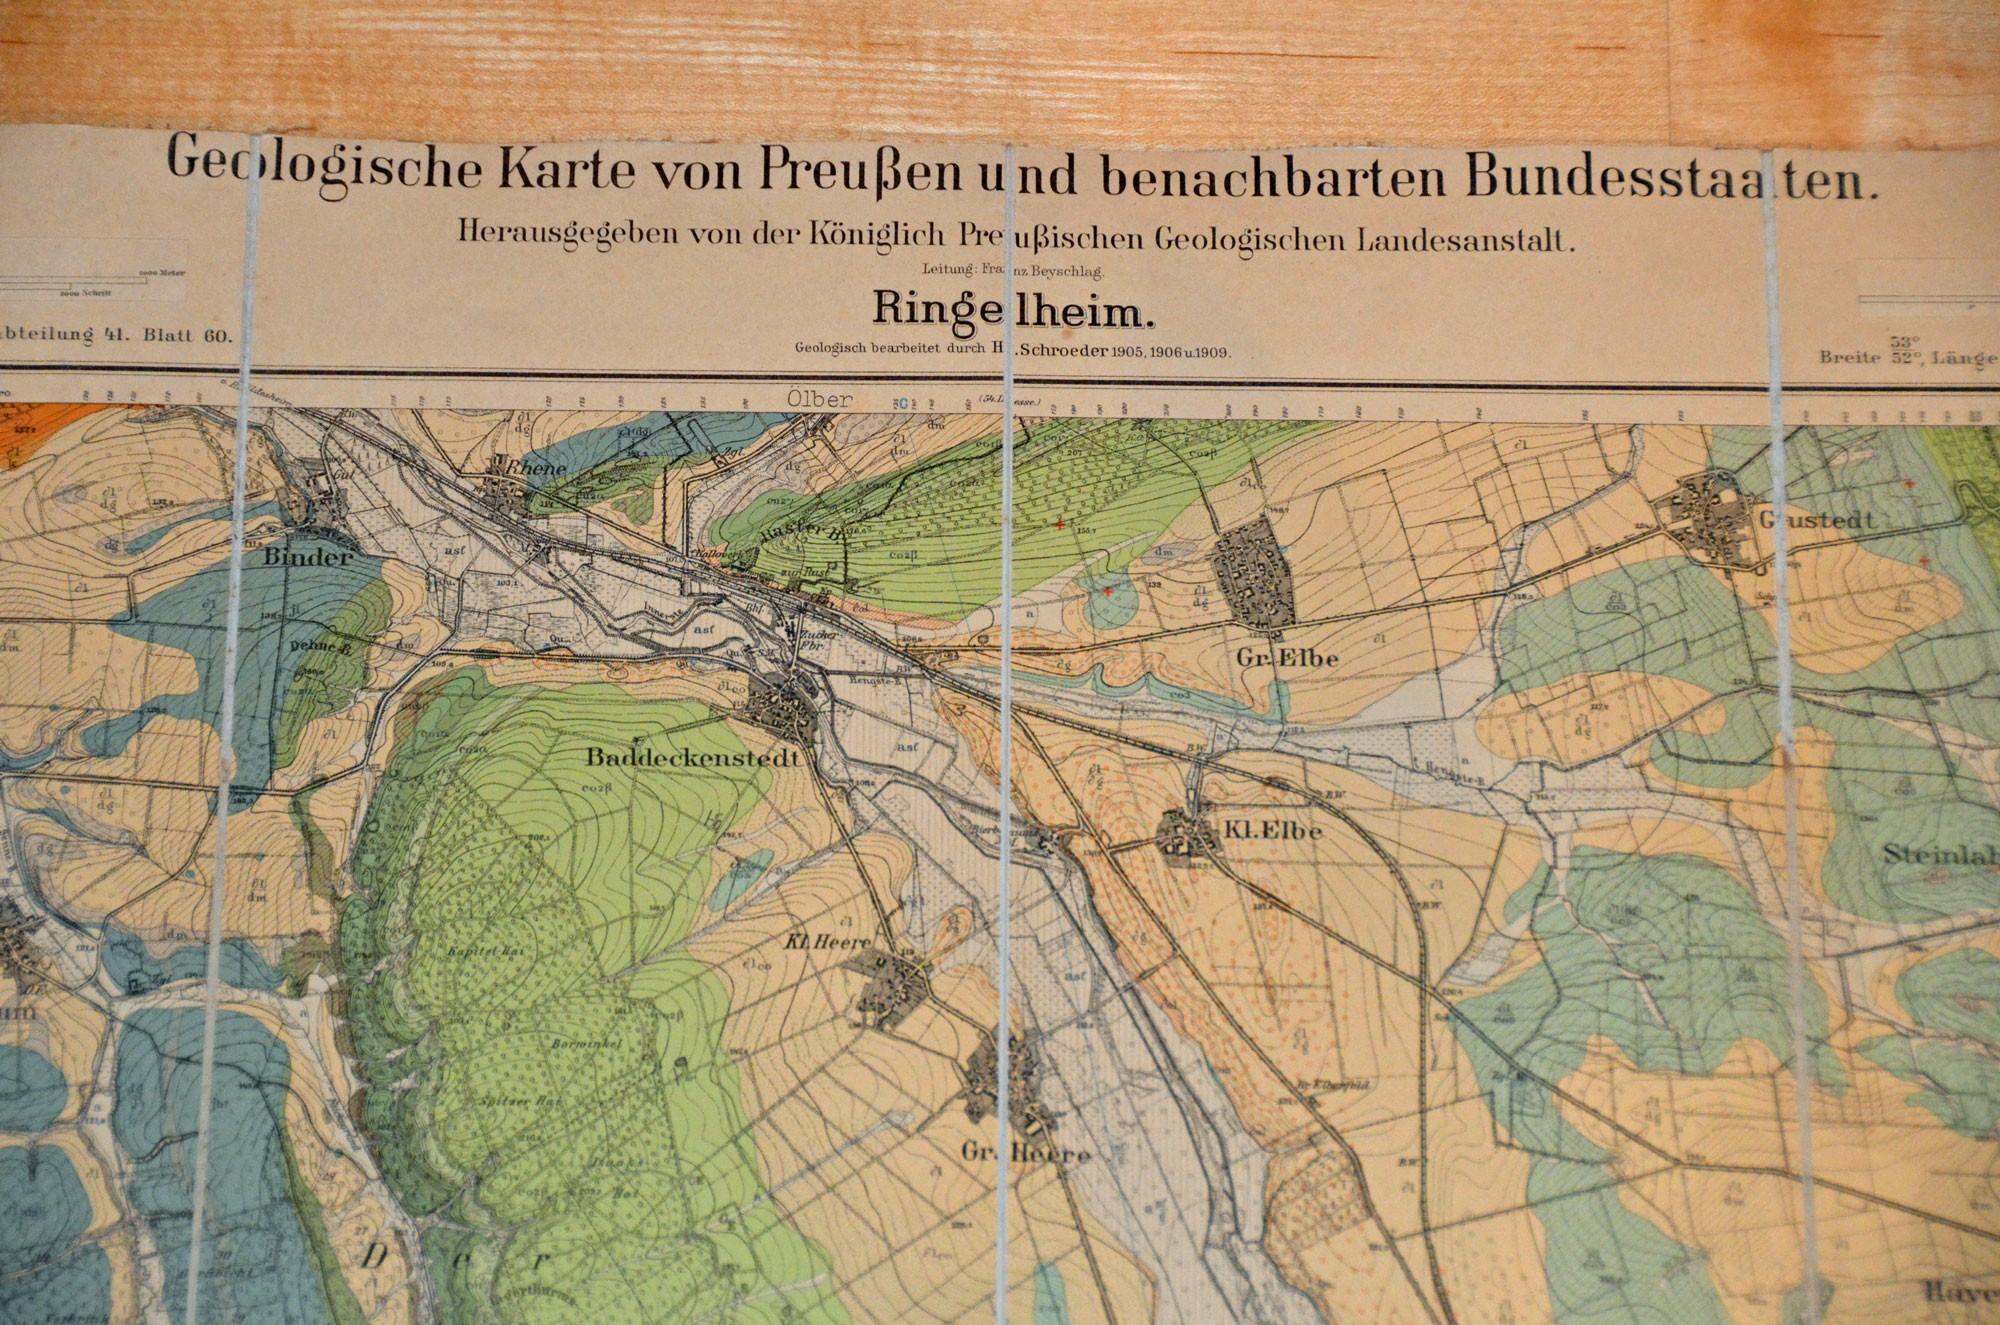 Geologische Karte von Preußen und benachbarten Bundesstaaten, Blatt Ringelheim